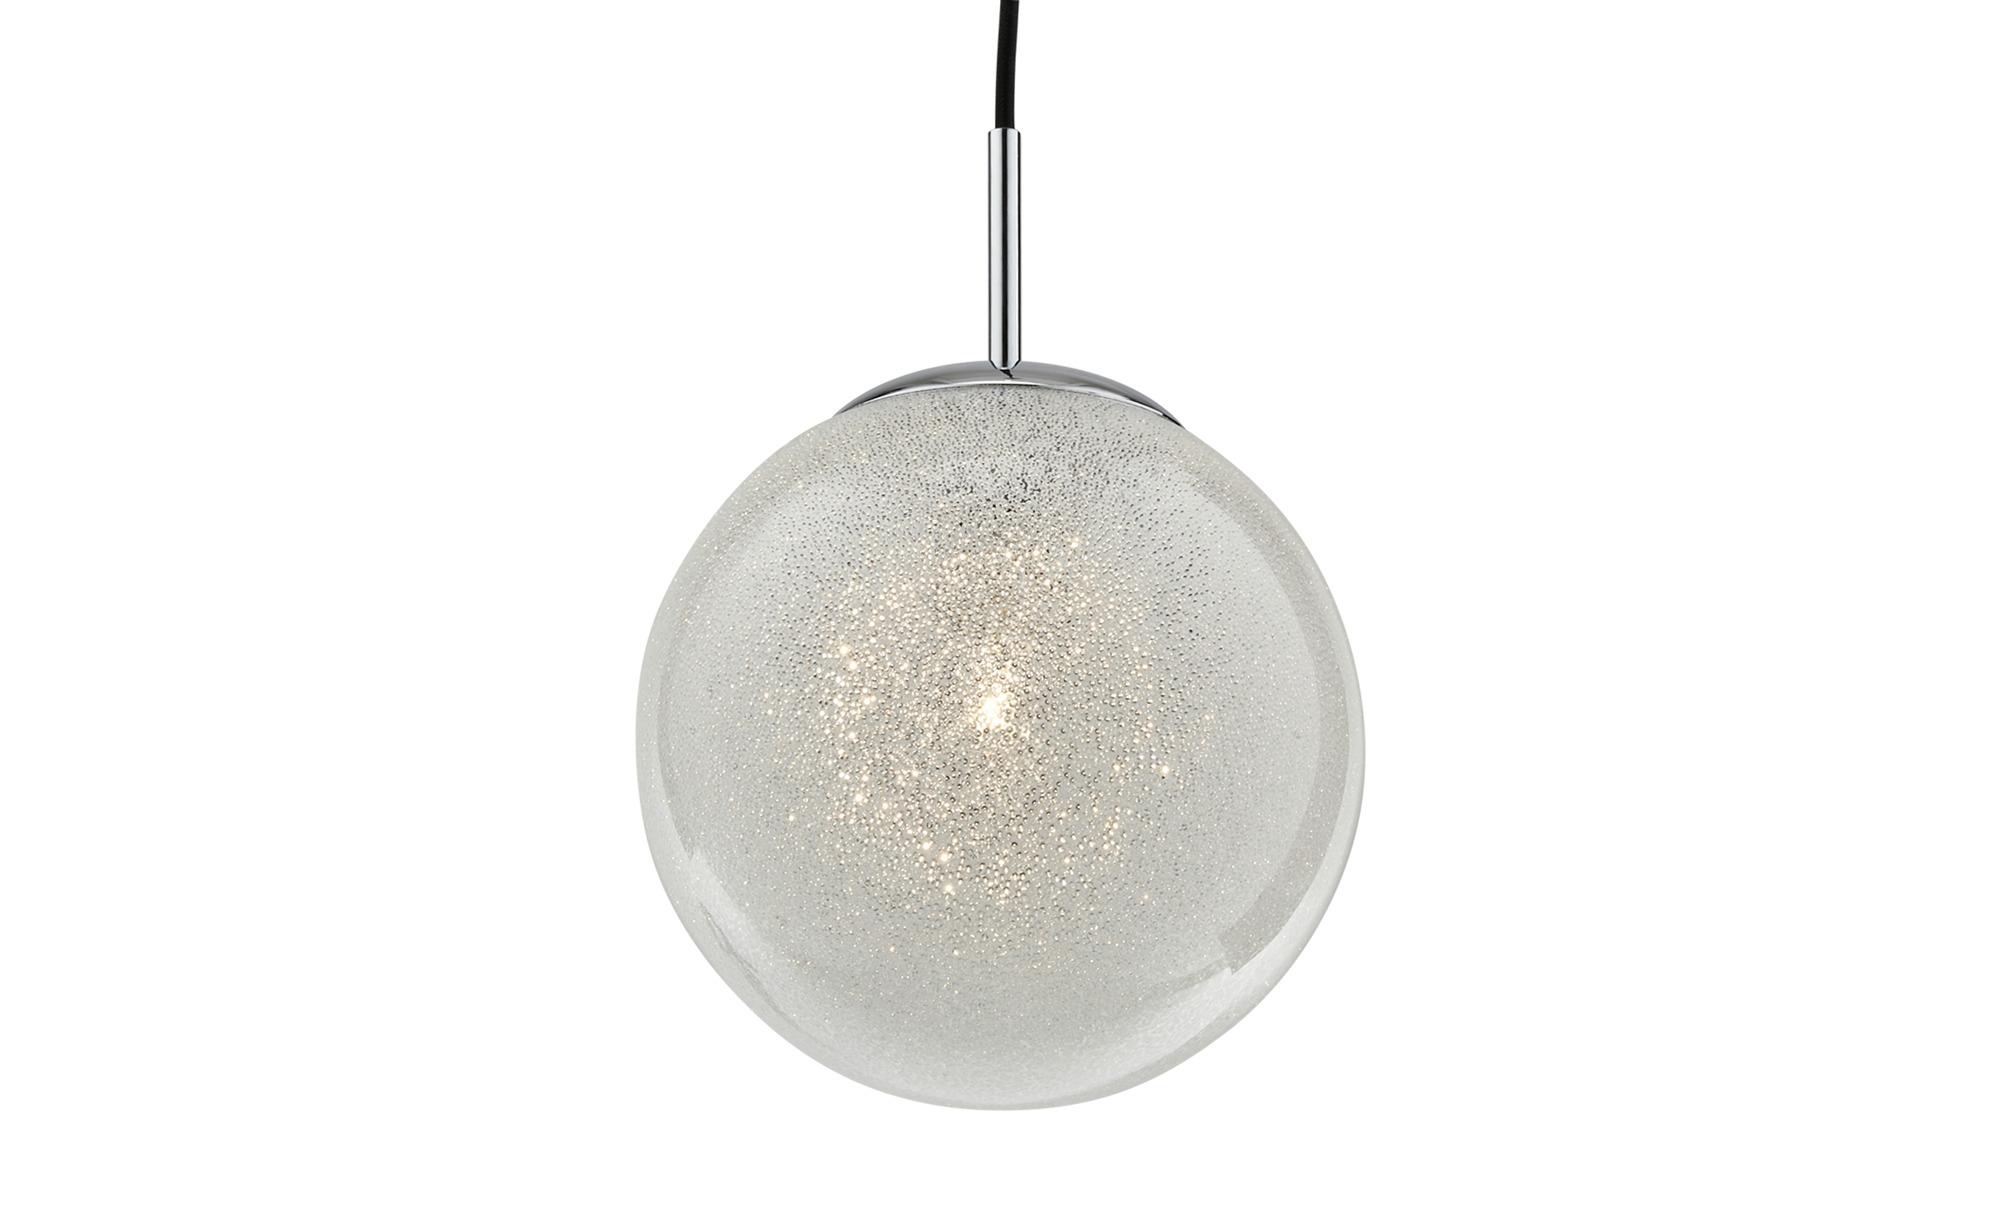 Glaspendelleuchte, 1-flammig, Glas in Kristalloptik ¦ silberØ: [20.0] Lampen & Leuchten > Innenleuchten > Pendelleuchten - Höffner